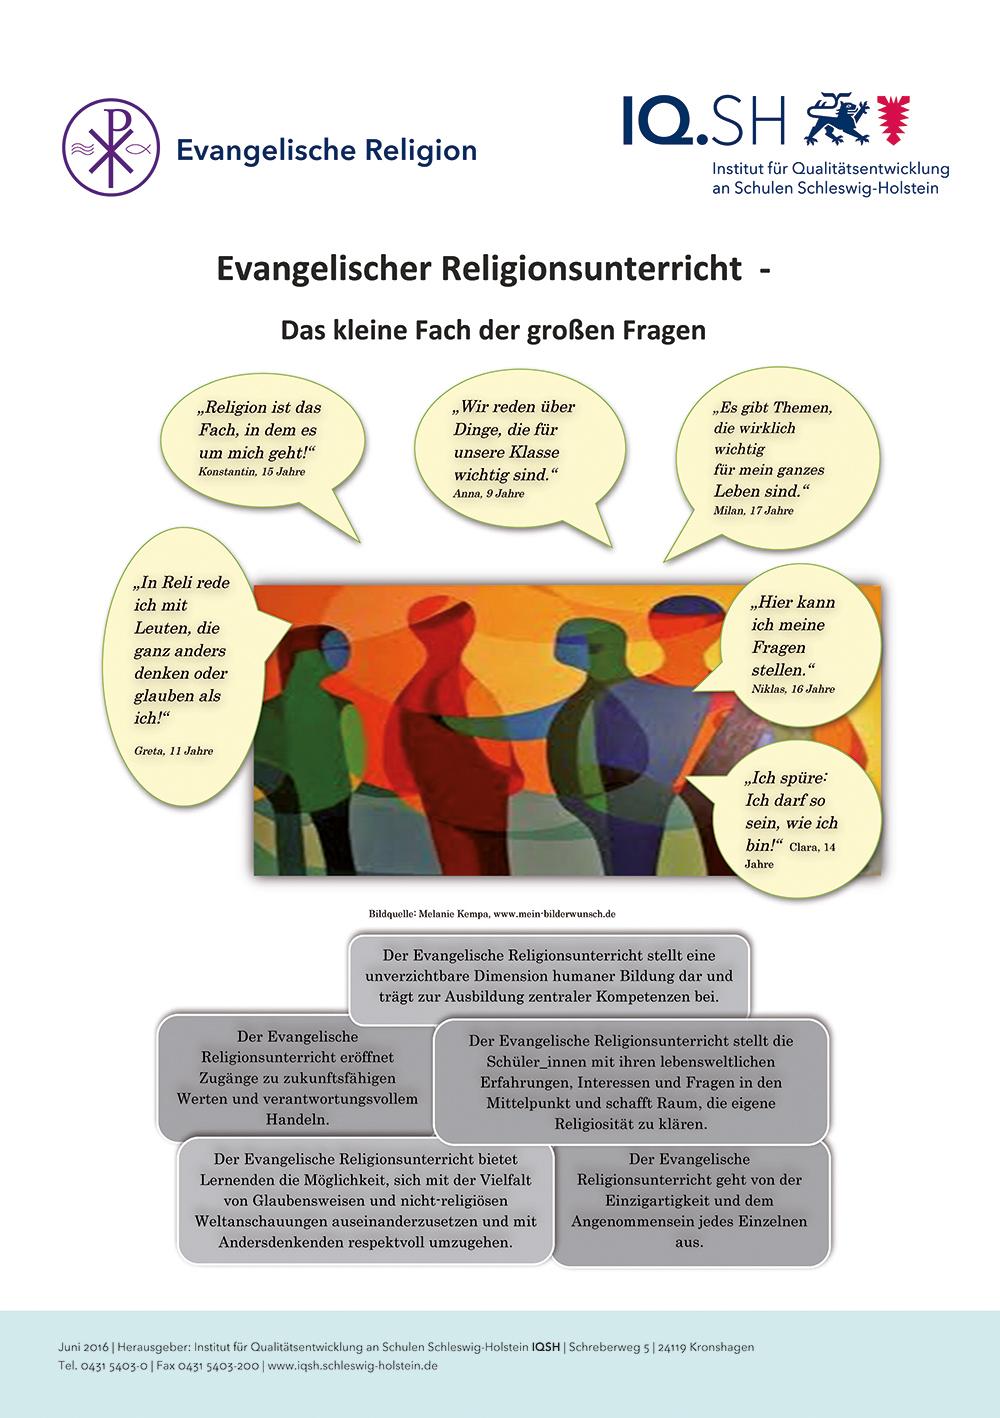 ReligionEv.jpg?auto=compress,format&colorquant=1600